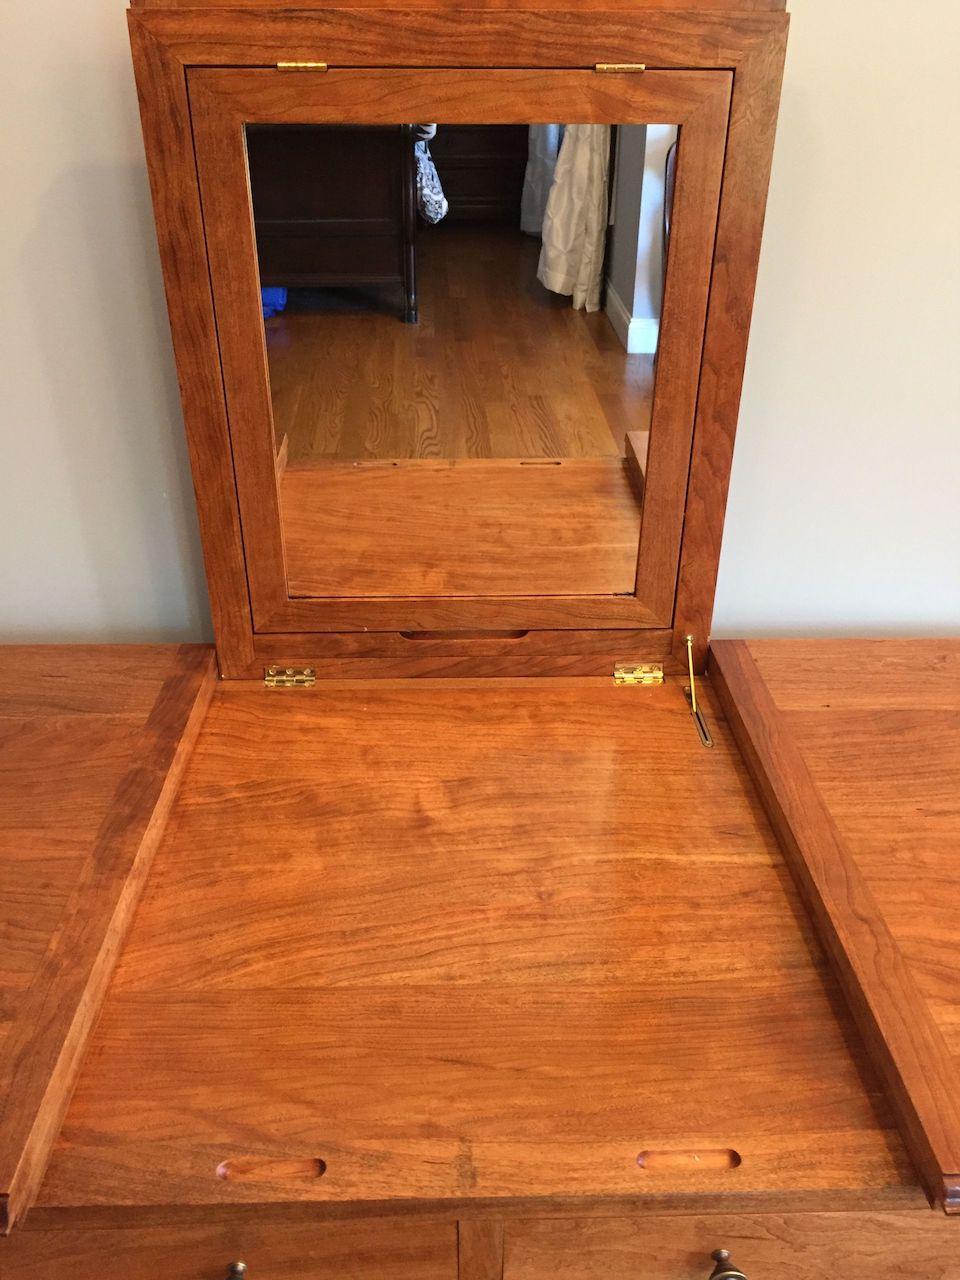 Jonas' Dressing Table - The Wood Whisperer